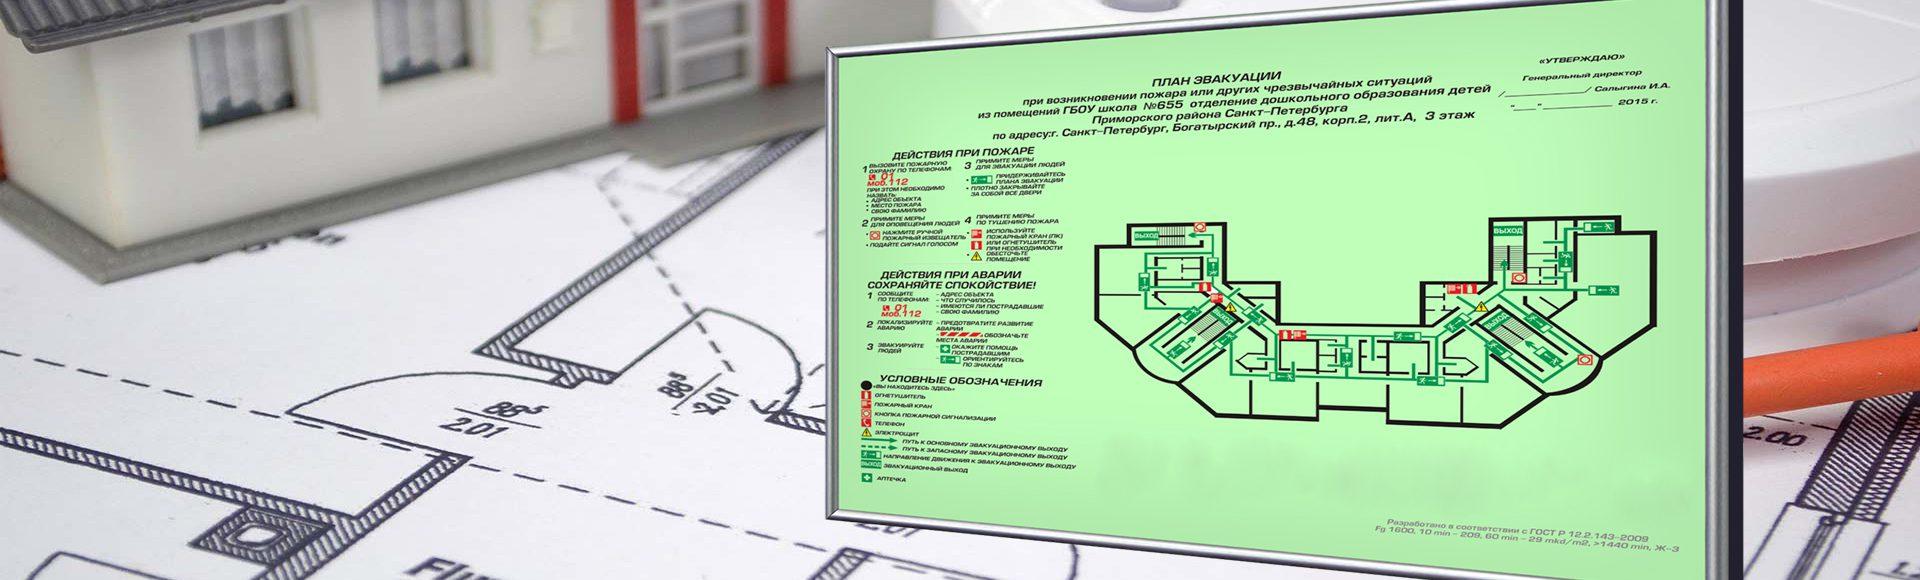 Планы эвакуации при пожаре